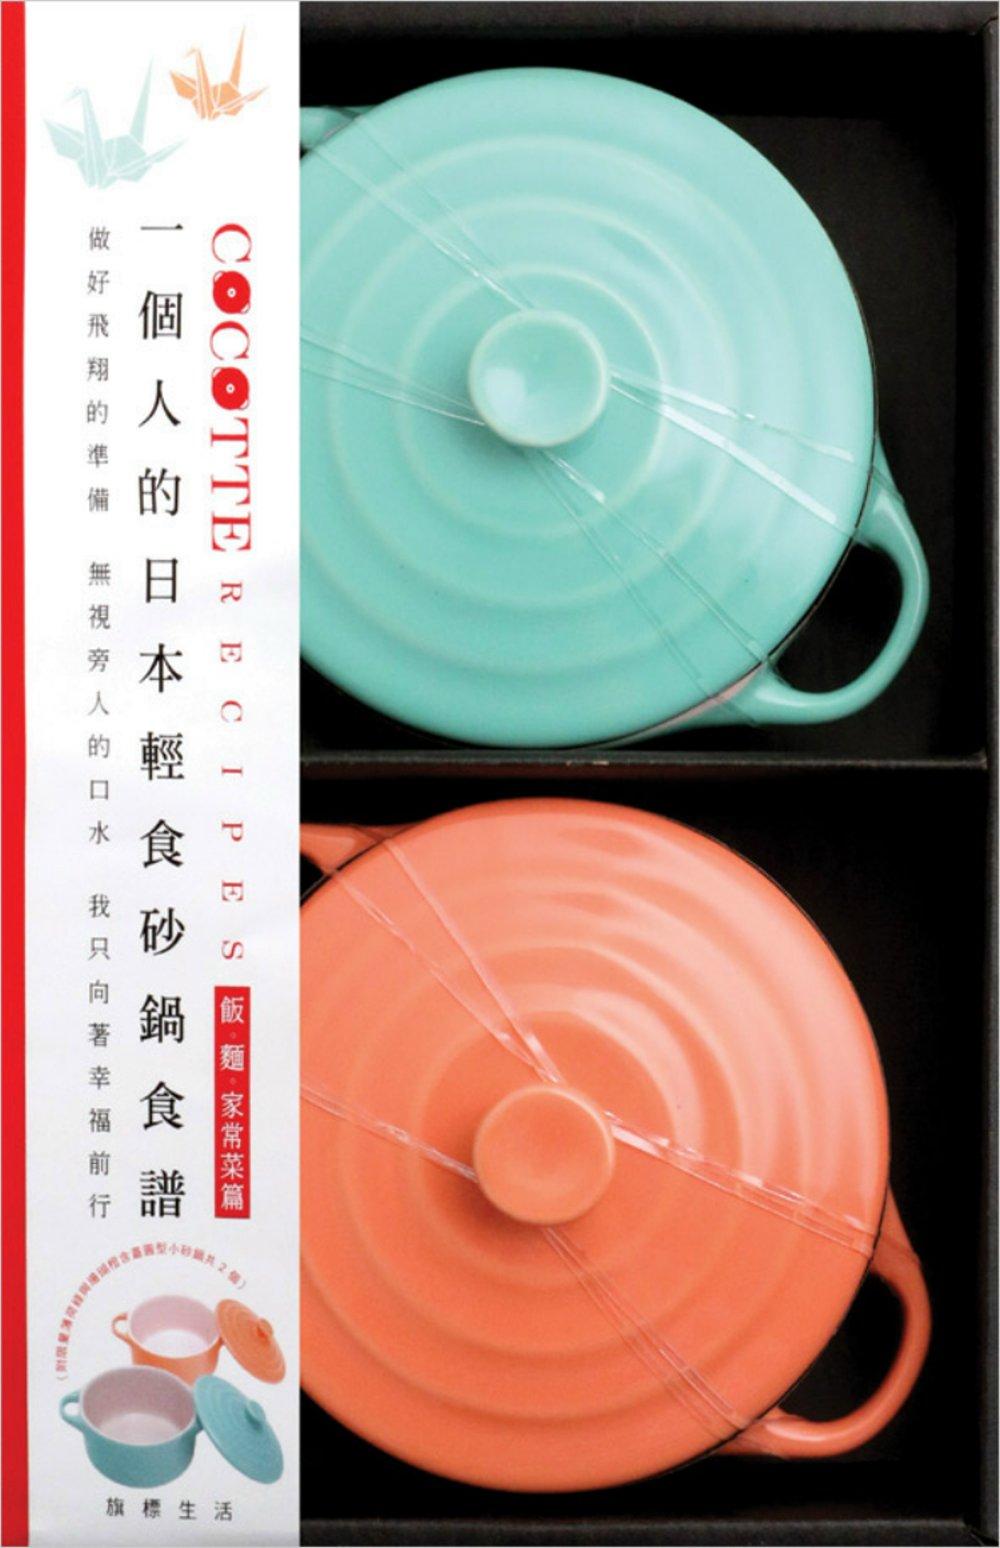 COCOTTE RECIPES 一個人的 輕食砂鍋食譜:飯‧麵‧家常菜篇 附 青春系薄荷綠與珊瑚橙含蓋圓型小砂鍋共2個